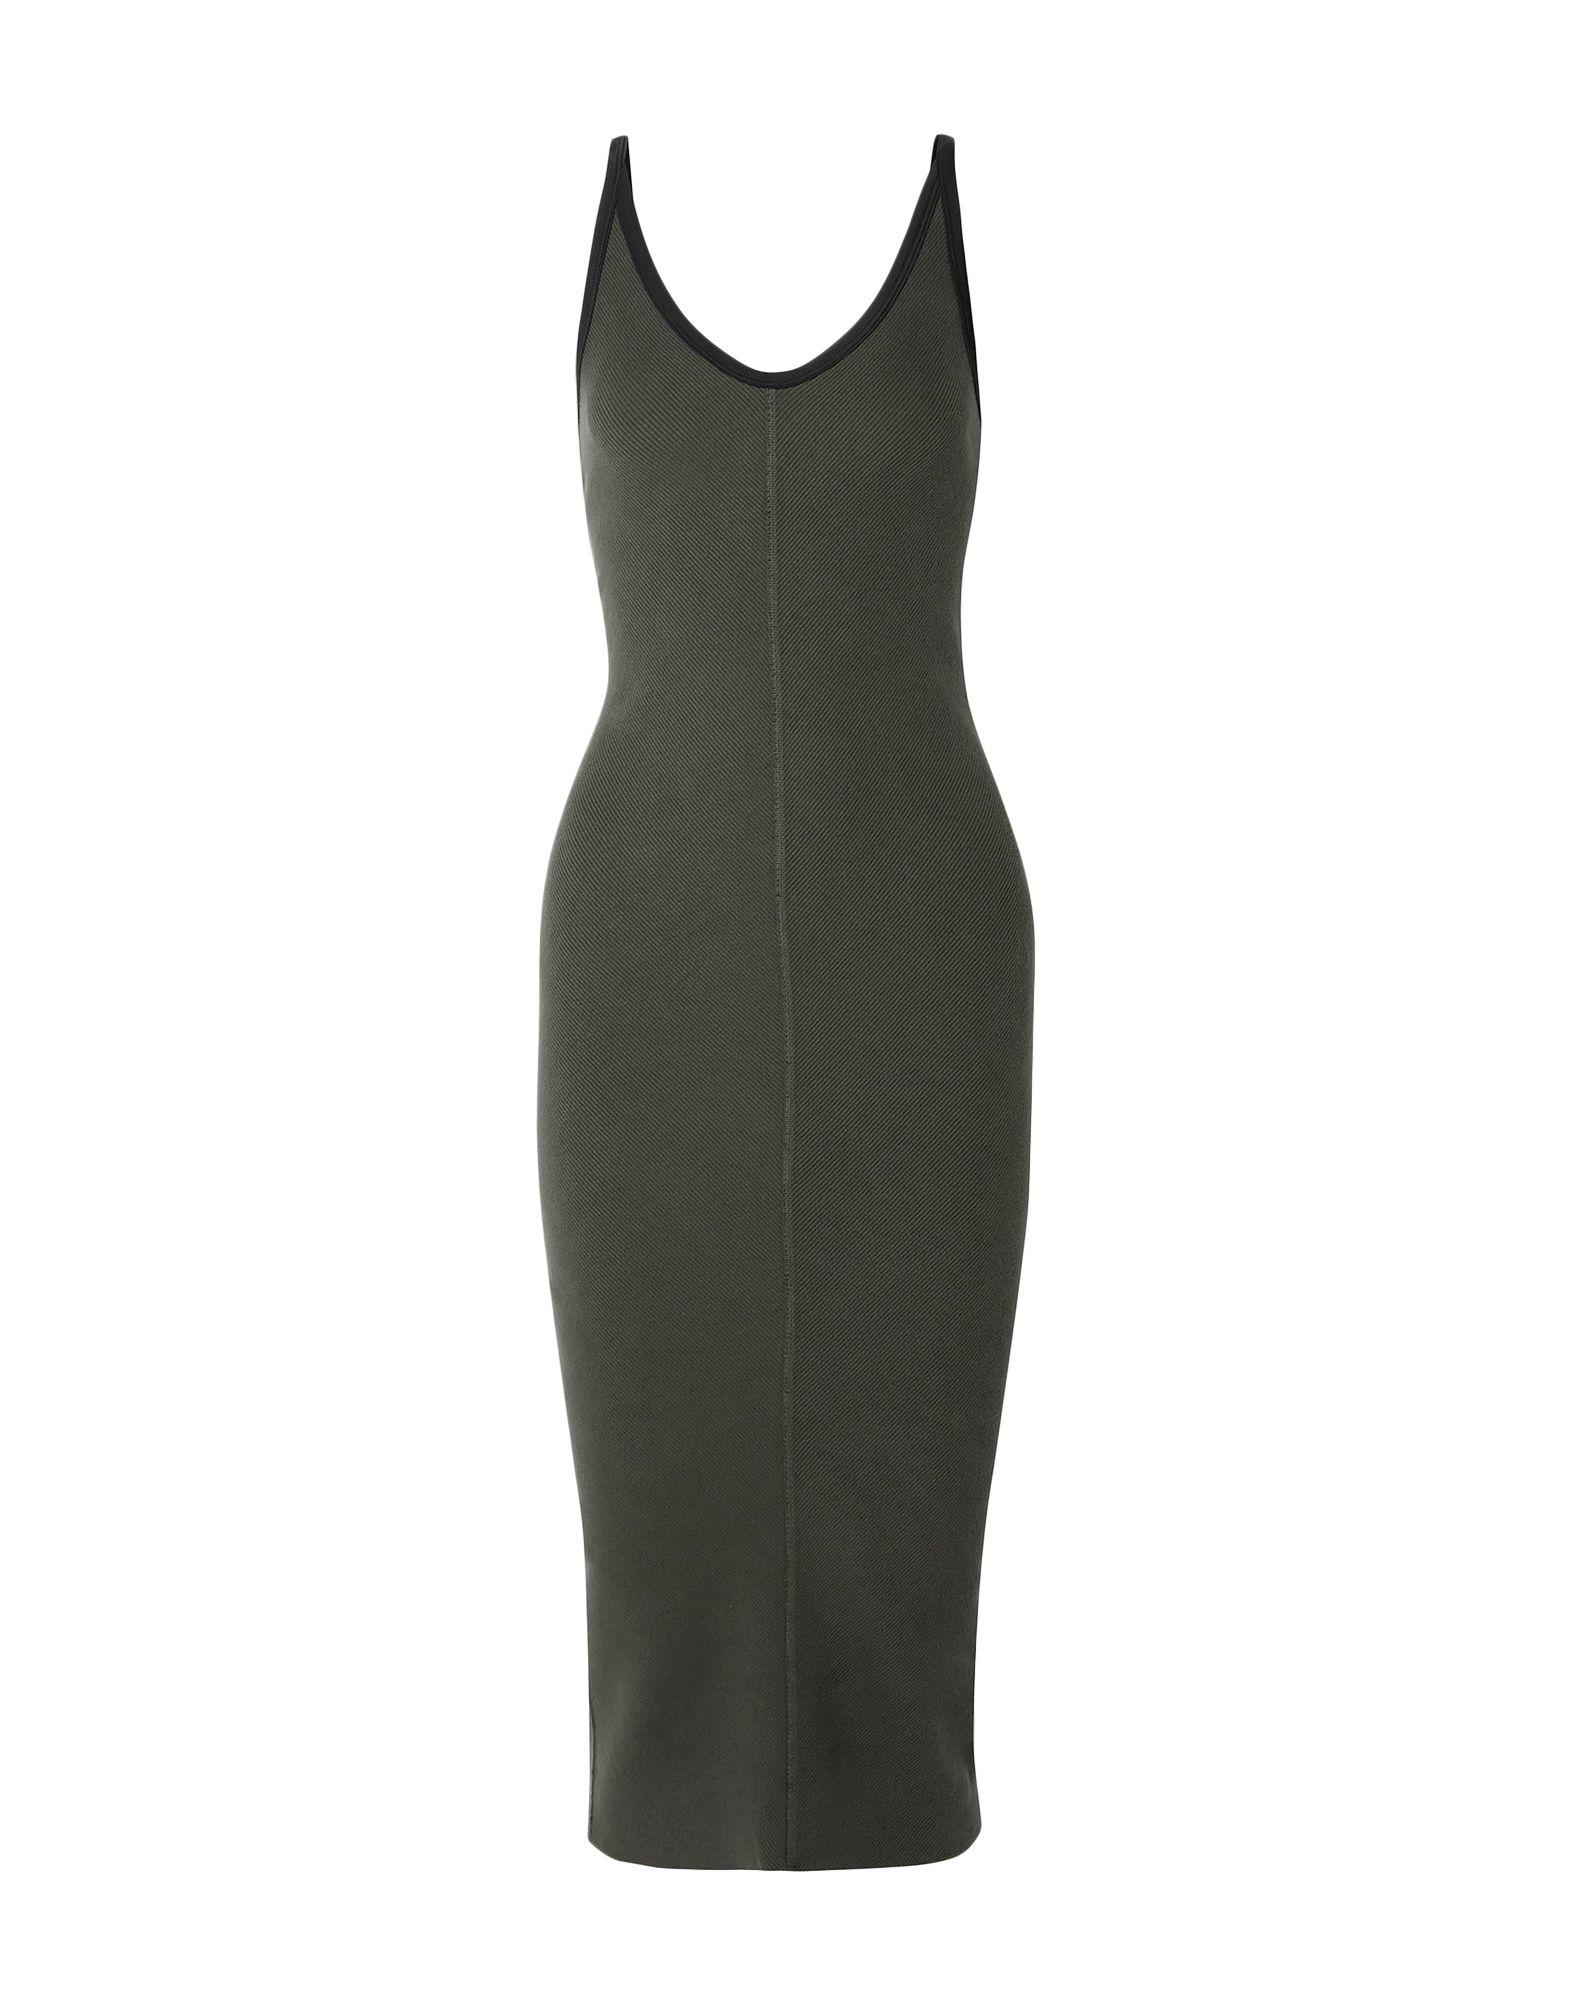 JAMES PERSE Платье длиной 3/4 elizabeth and james платье длиной 3 4